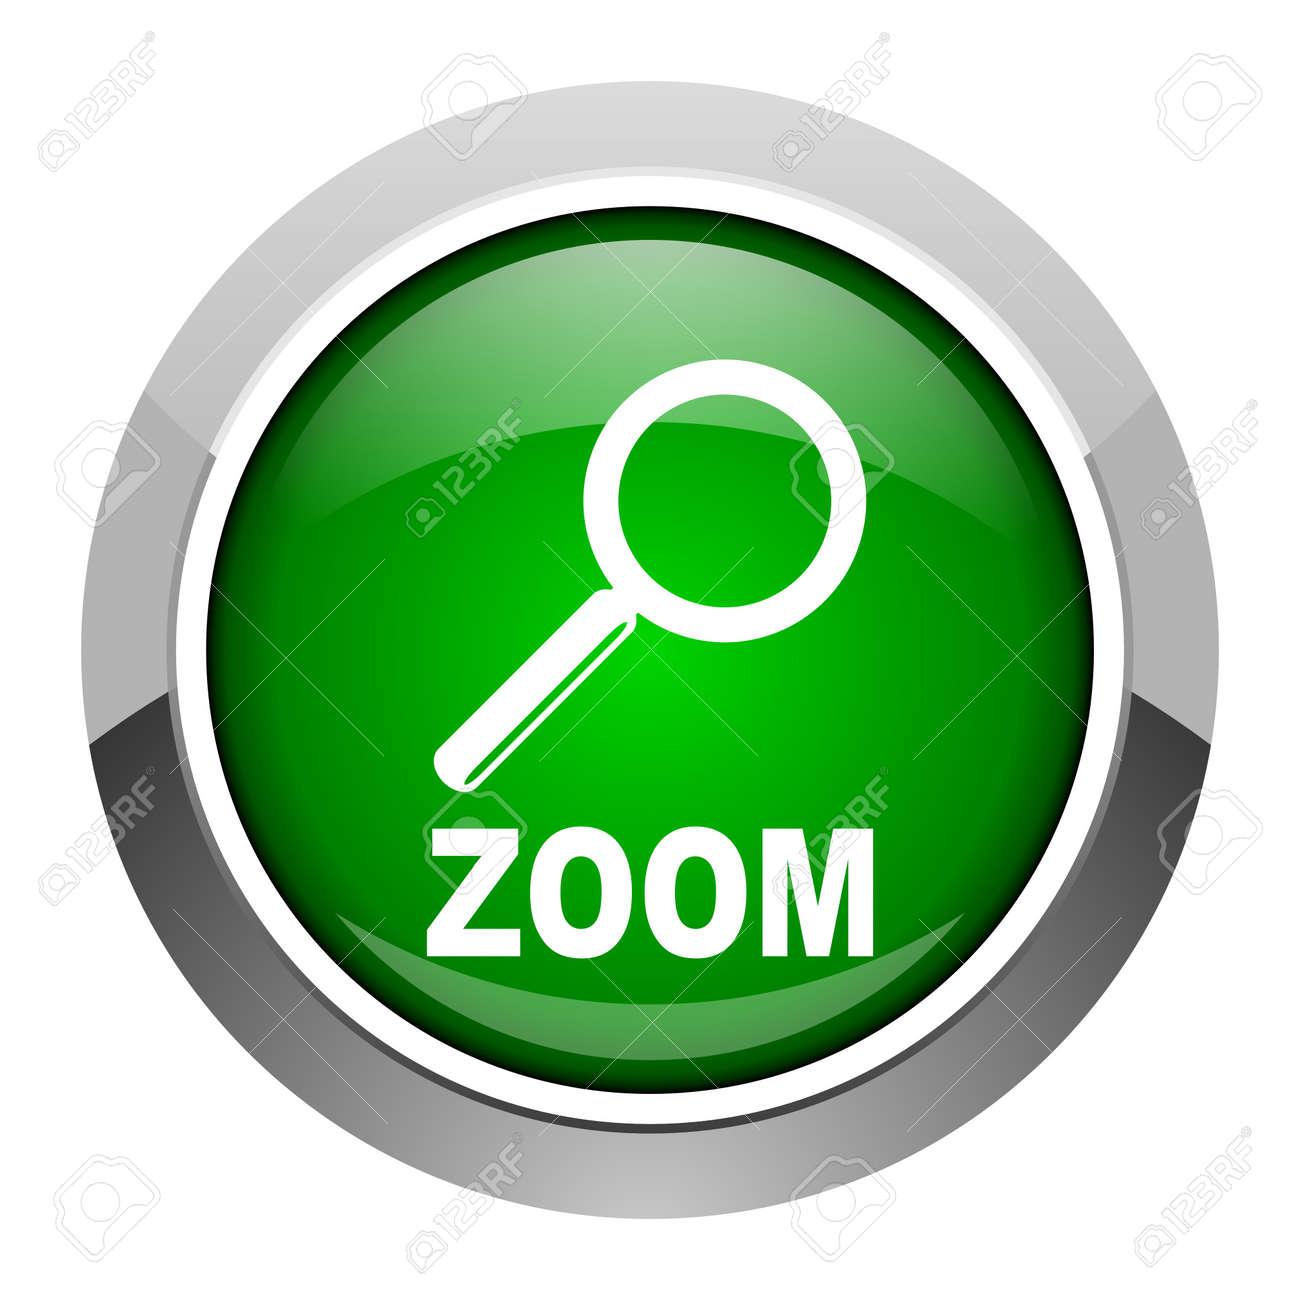 zoom icon Stock Photo - 20546396